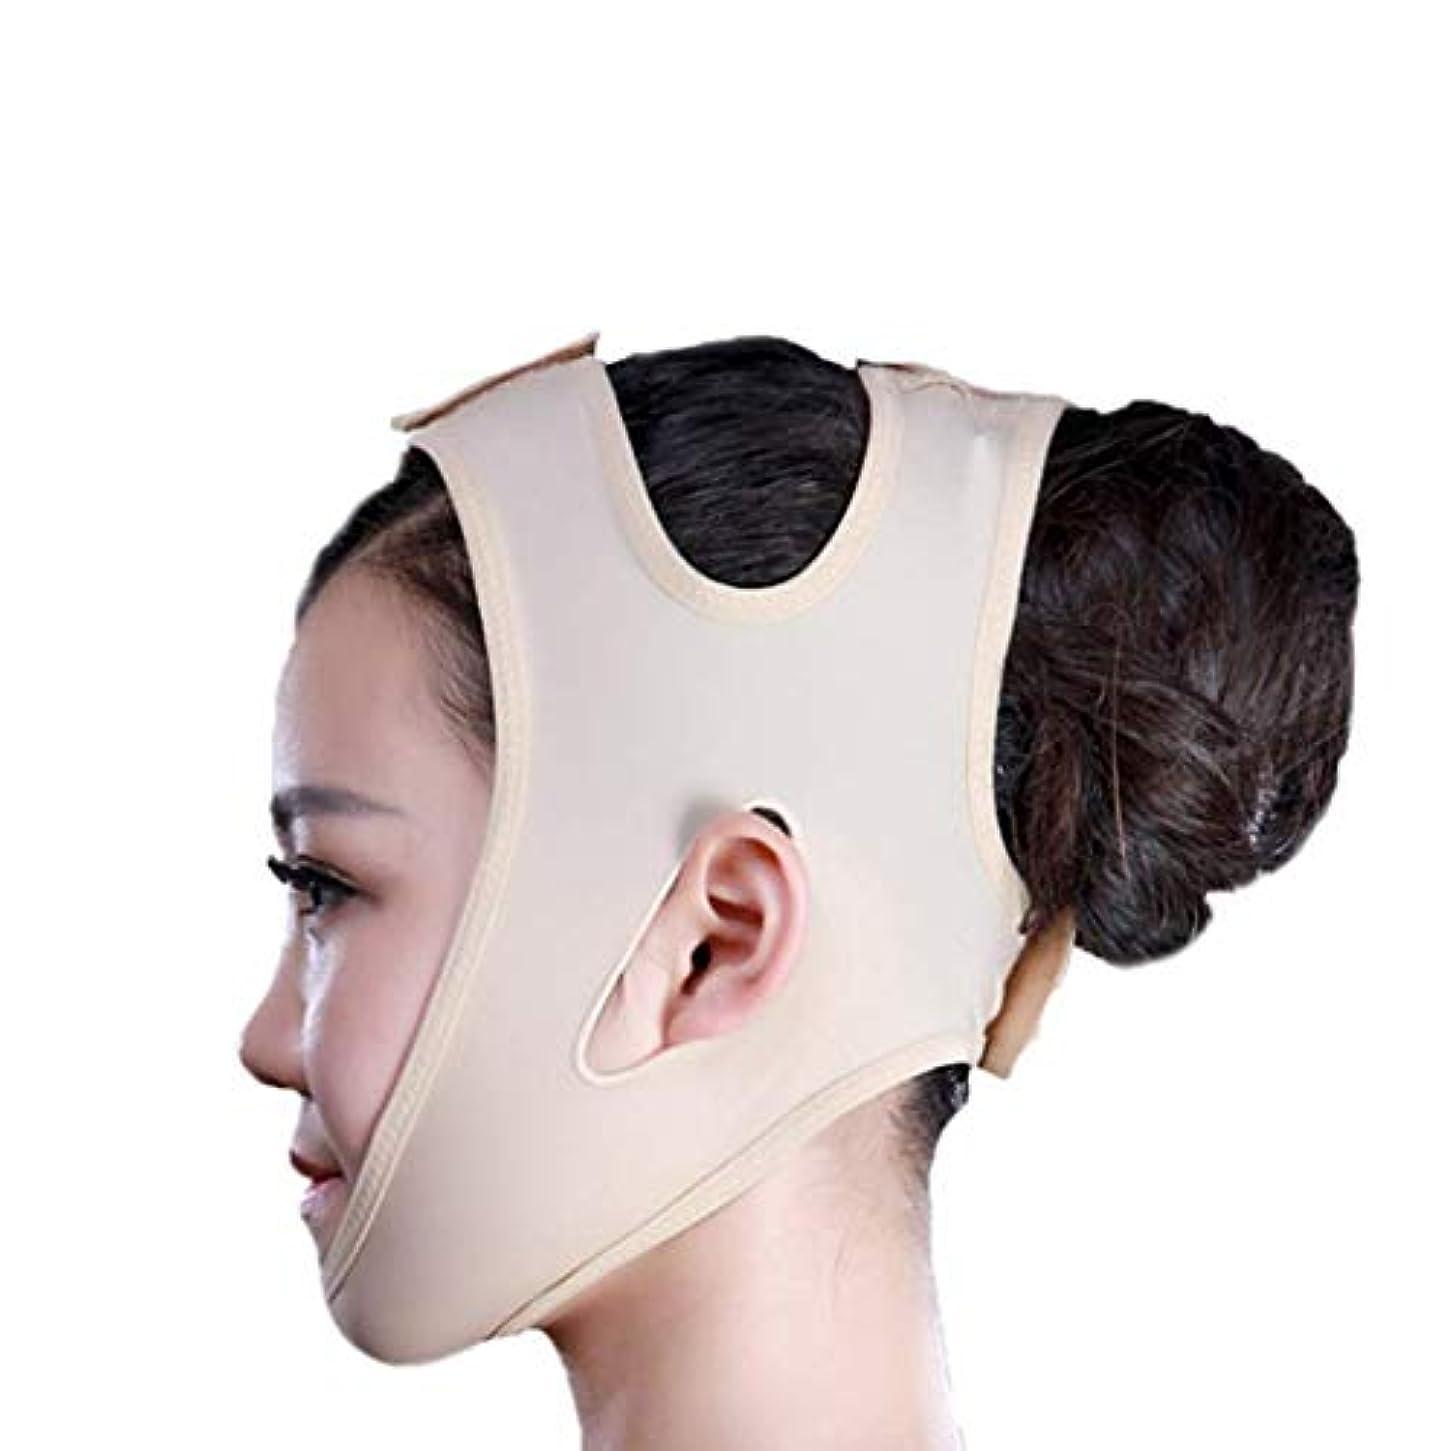 ようこそ集中直面するフェイススリミングマスク、快適さと通気性、フェイシャルリフティング、輪郭の改善された硬さ、ファーミングとリフティングフェイス(カラー:ブラック、サイズ:XL),黄色がかったピンク、L